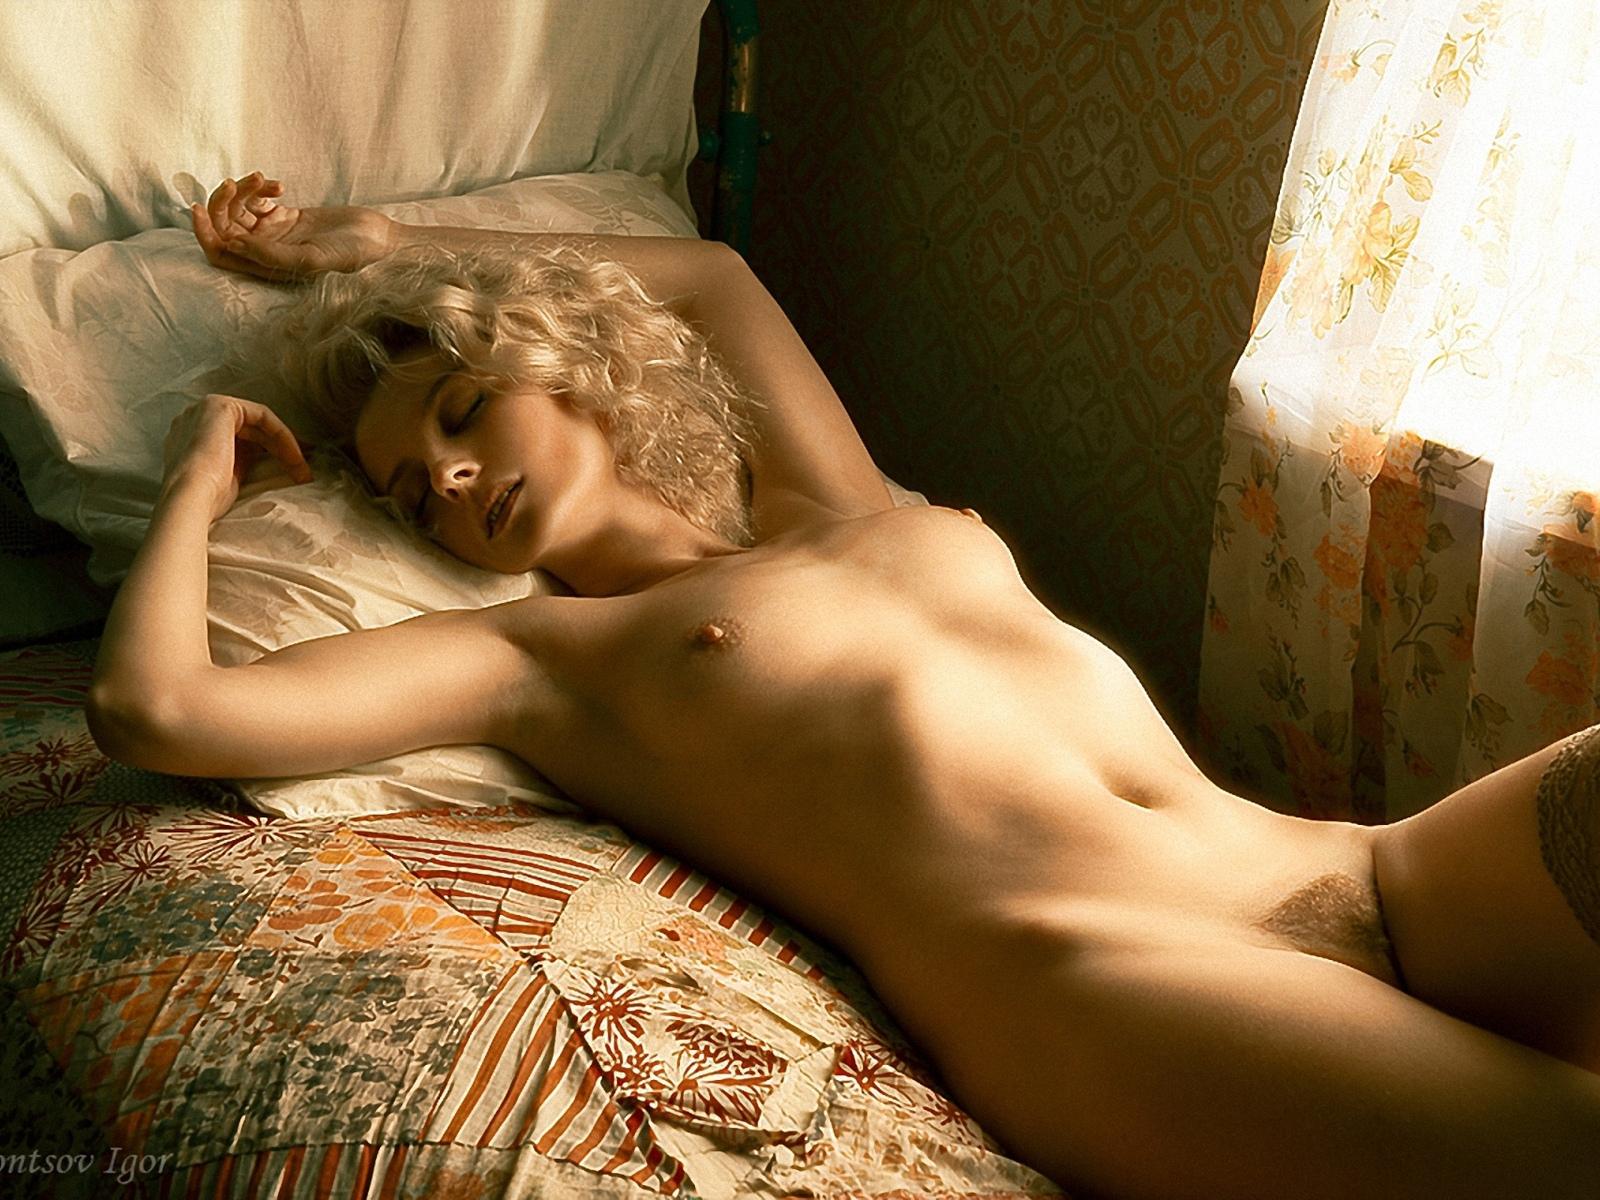 Фото эротика профессиональное, Ню фото красивых девушек и женщин. Смотреть бесплатно 24 фотография